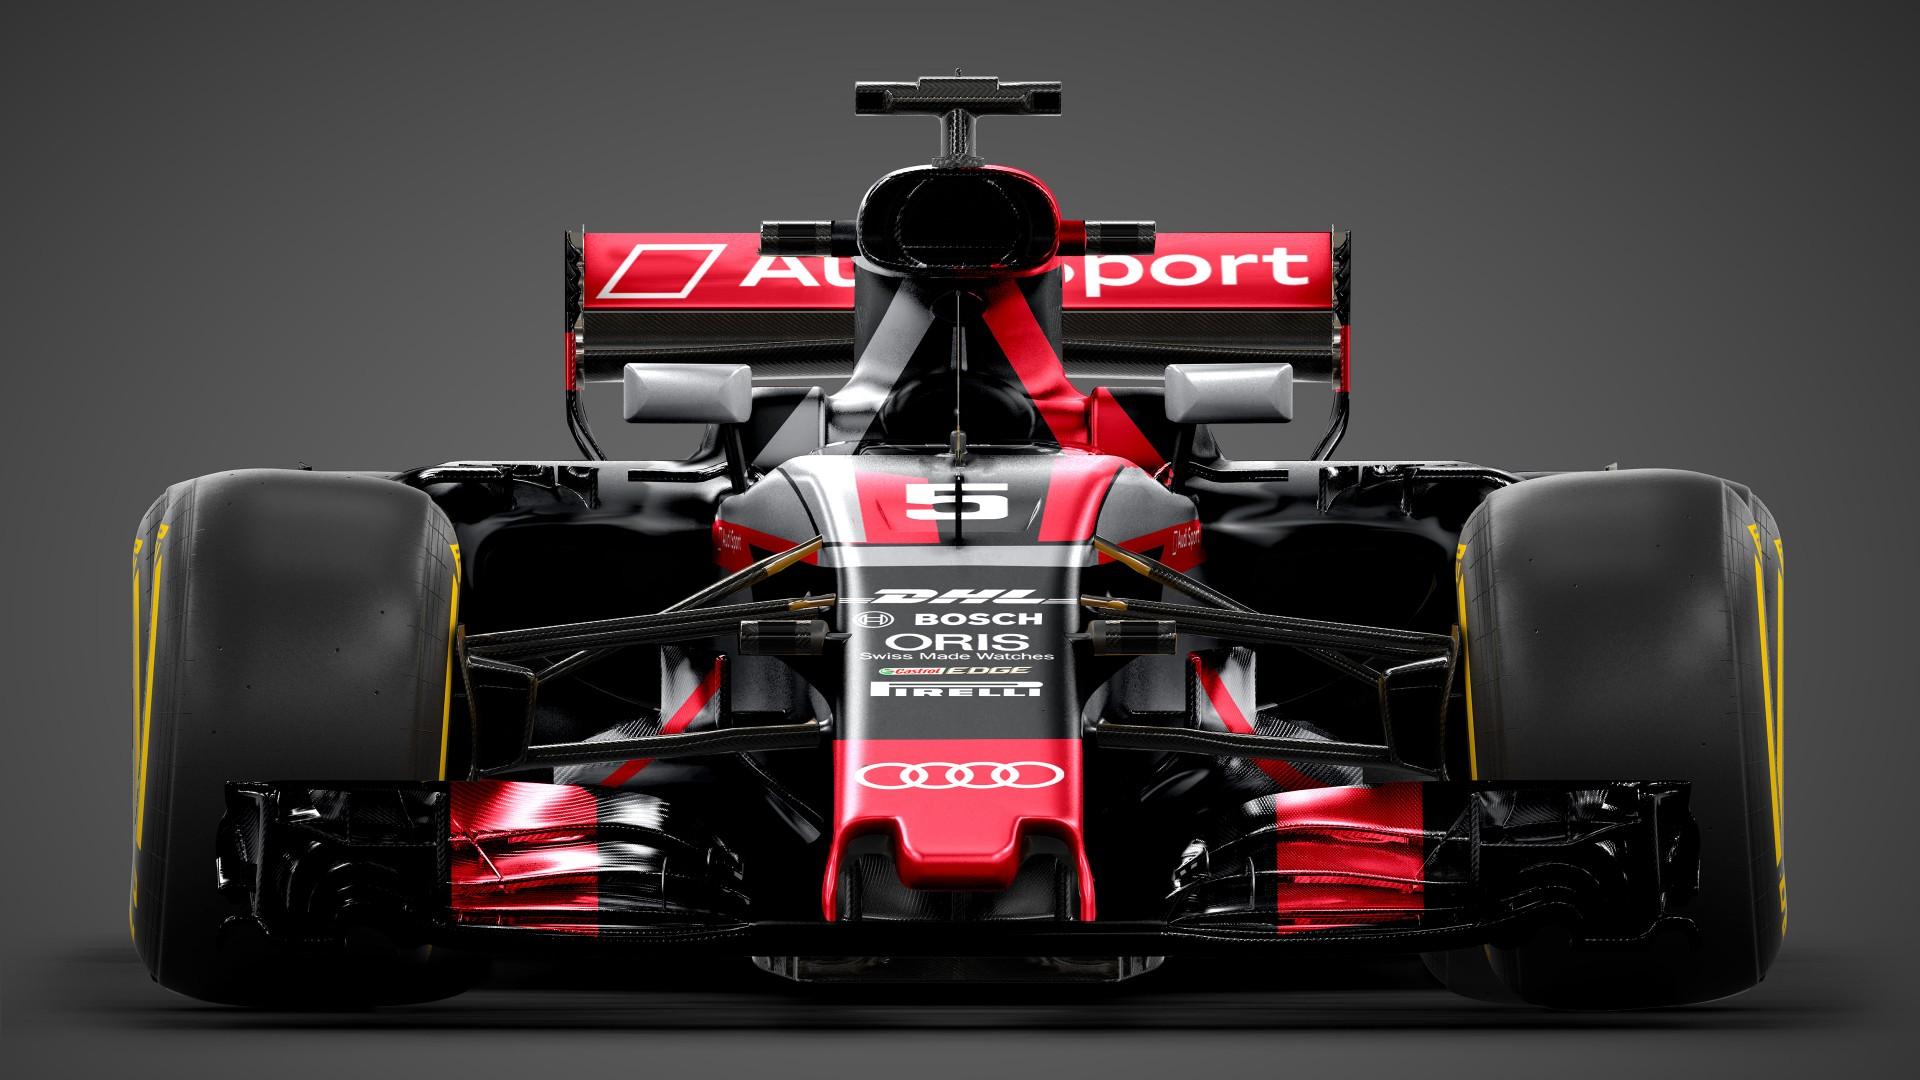 F1 Iphone Wallpaper Audi Sport F1 4k Wallpaper Hd Car Wallpapers Id 8041